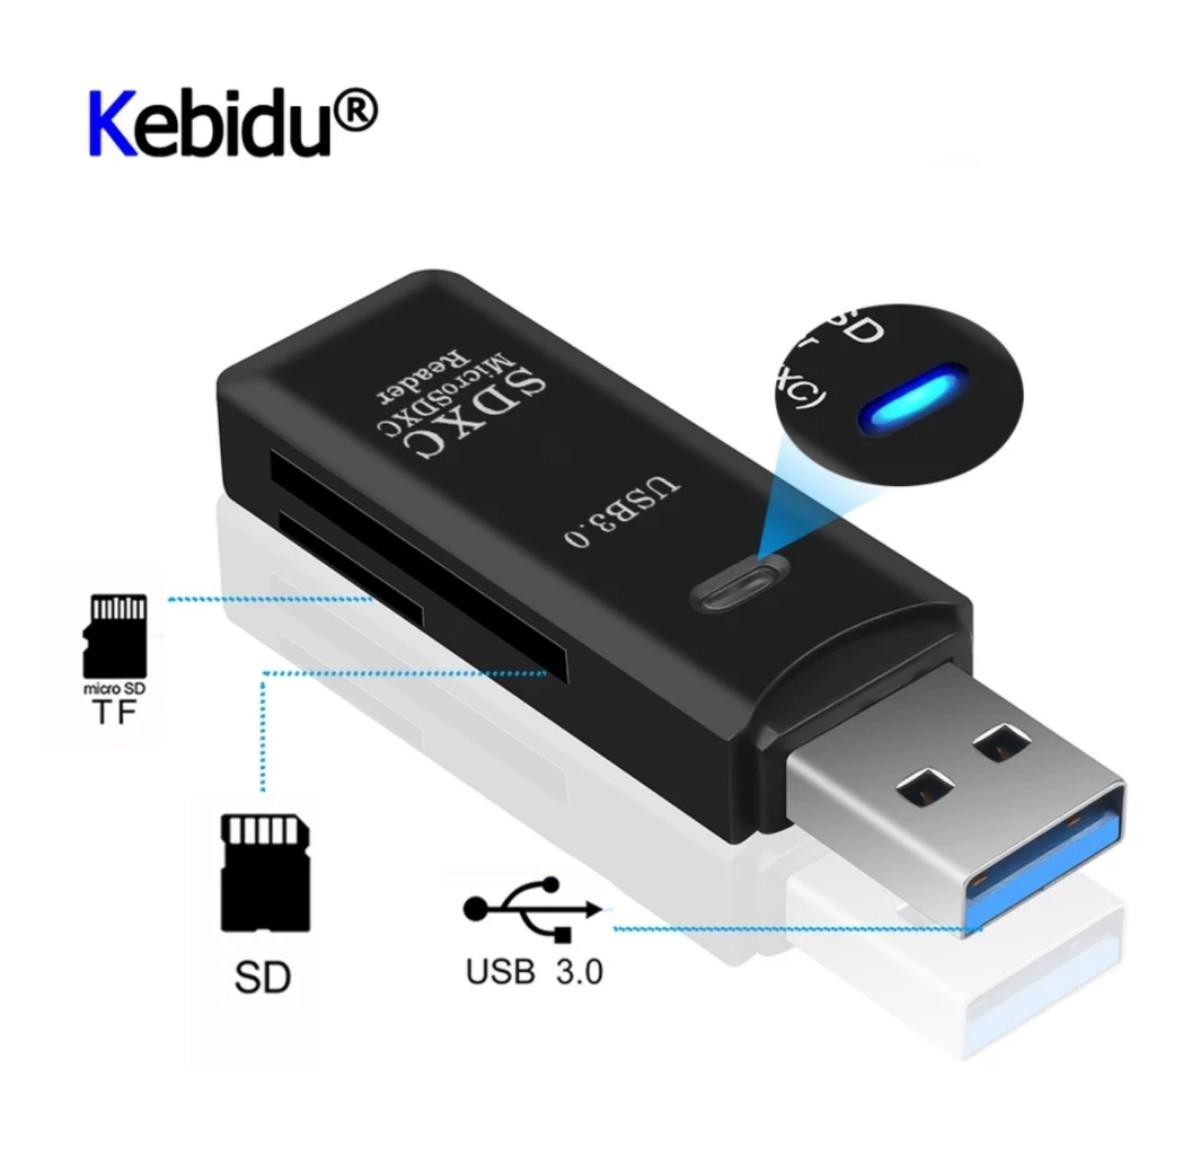 USB3.0 microSD / SDカード カードリーダー!新品未使用